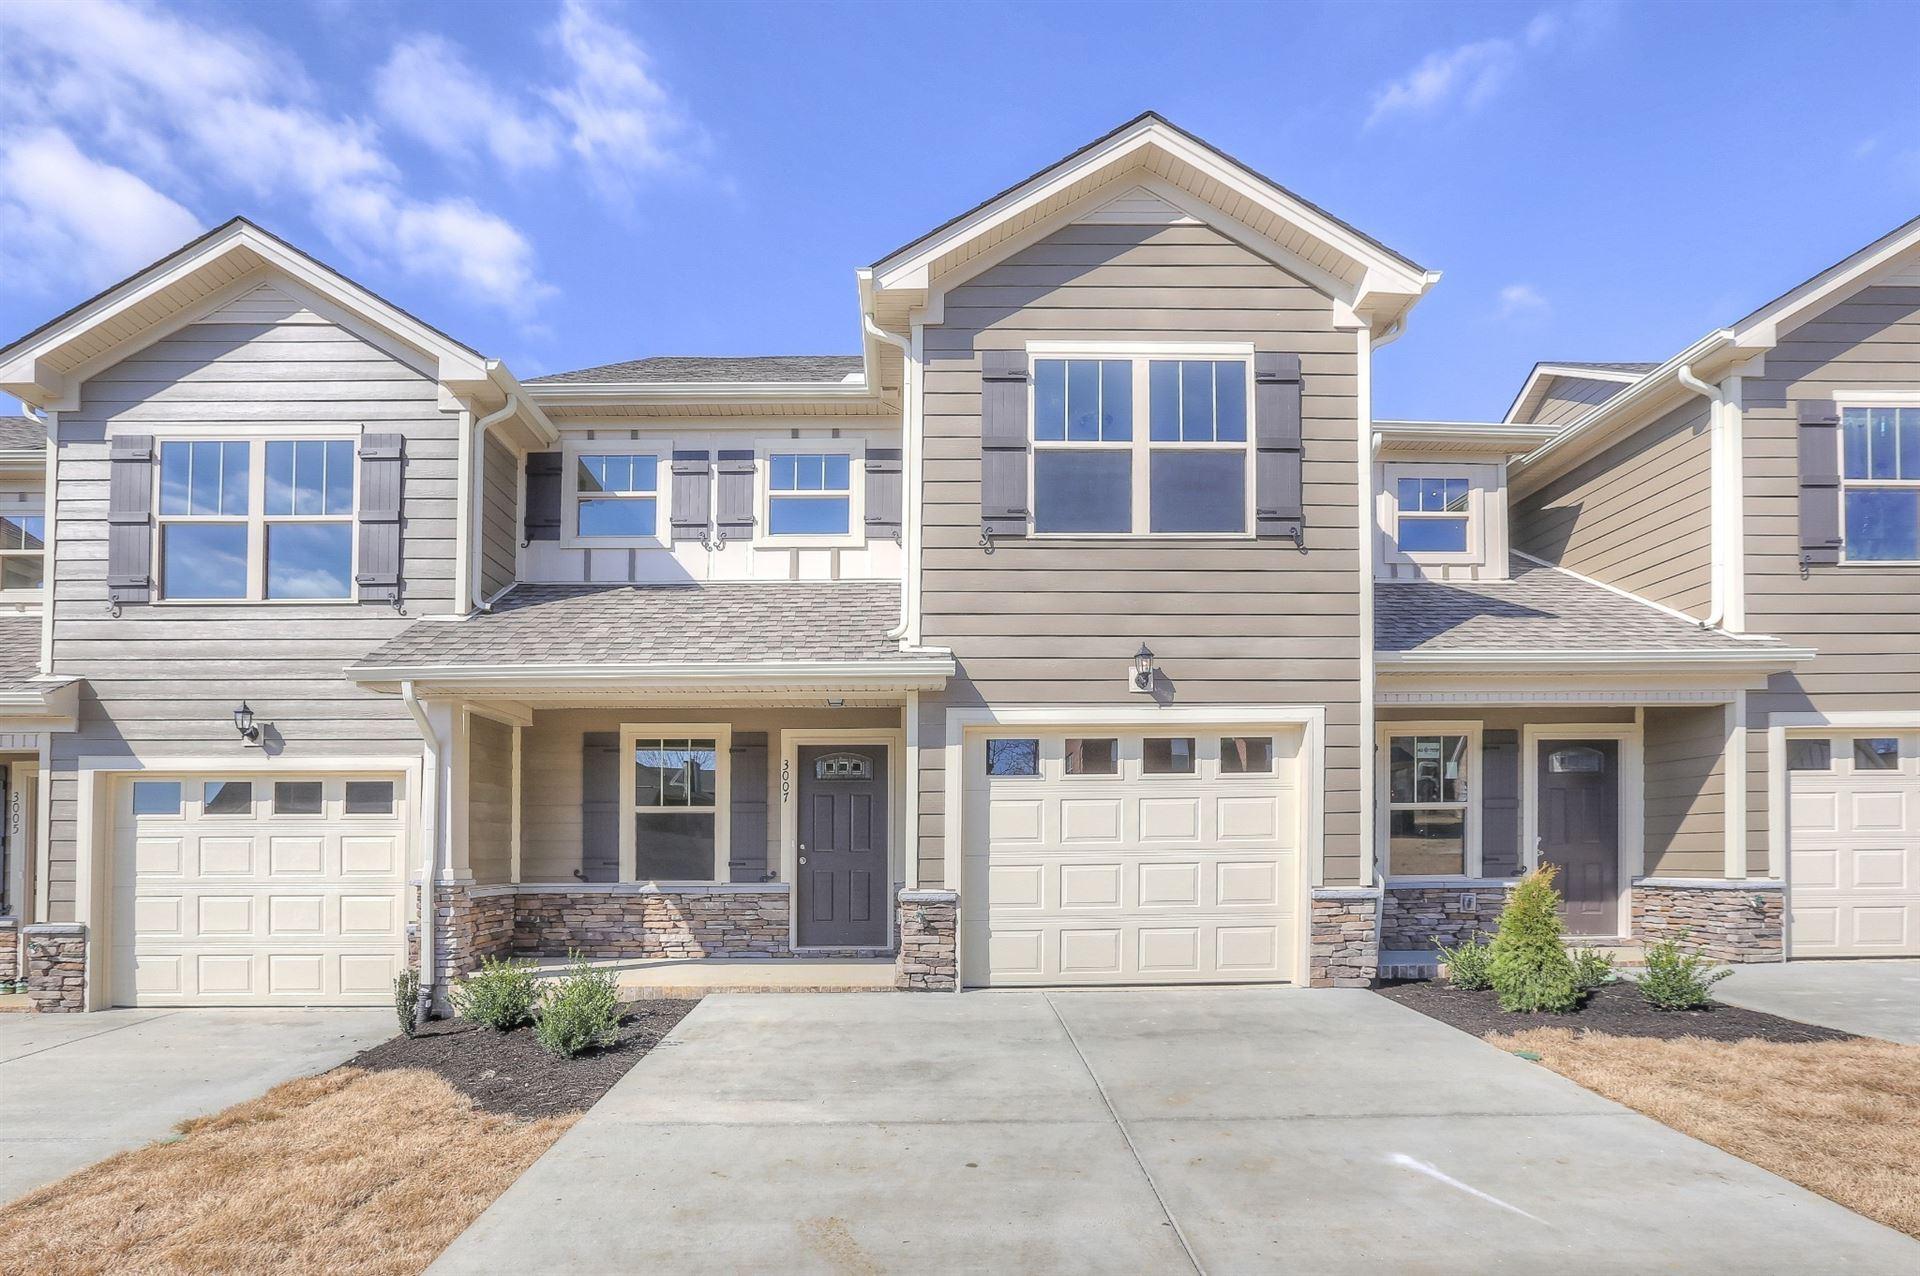 315 Mattie Lane Lot 39, Spring Hill, TN 37174 - MLS#: 2198446